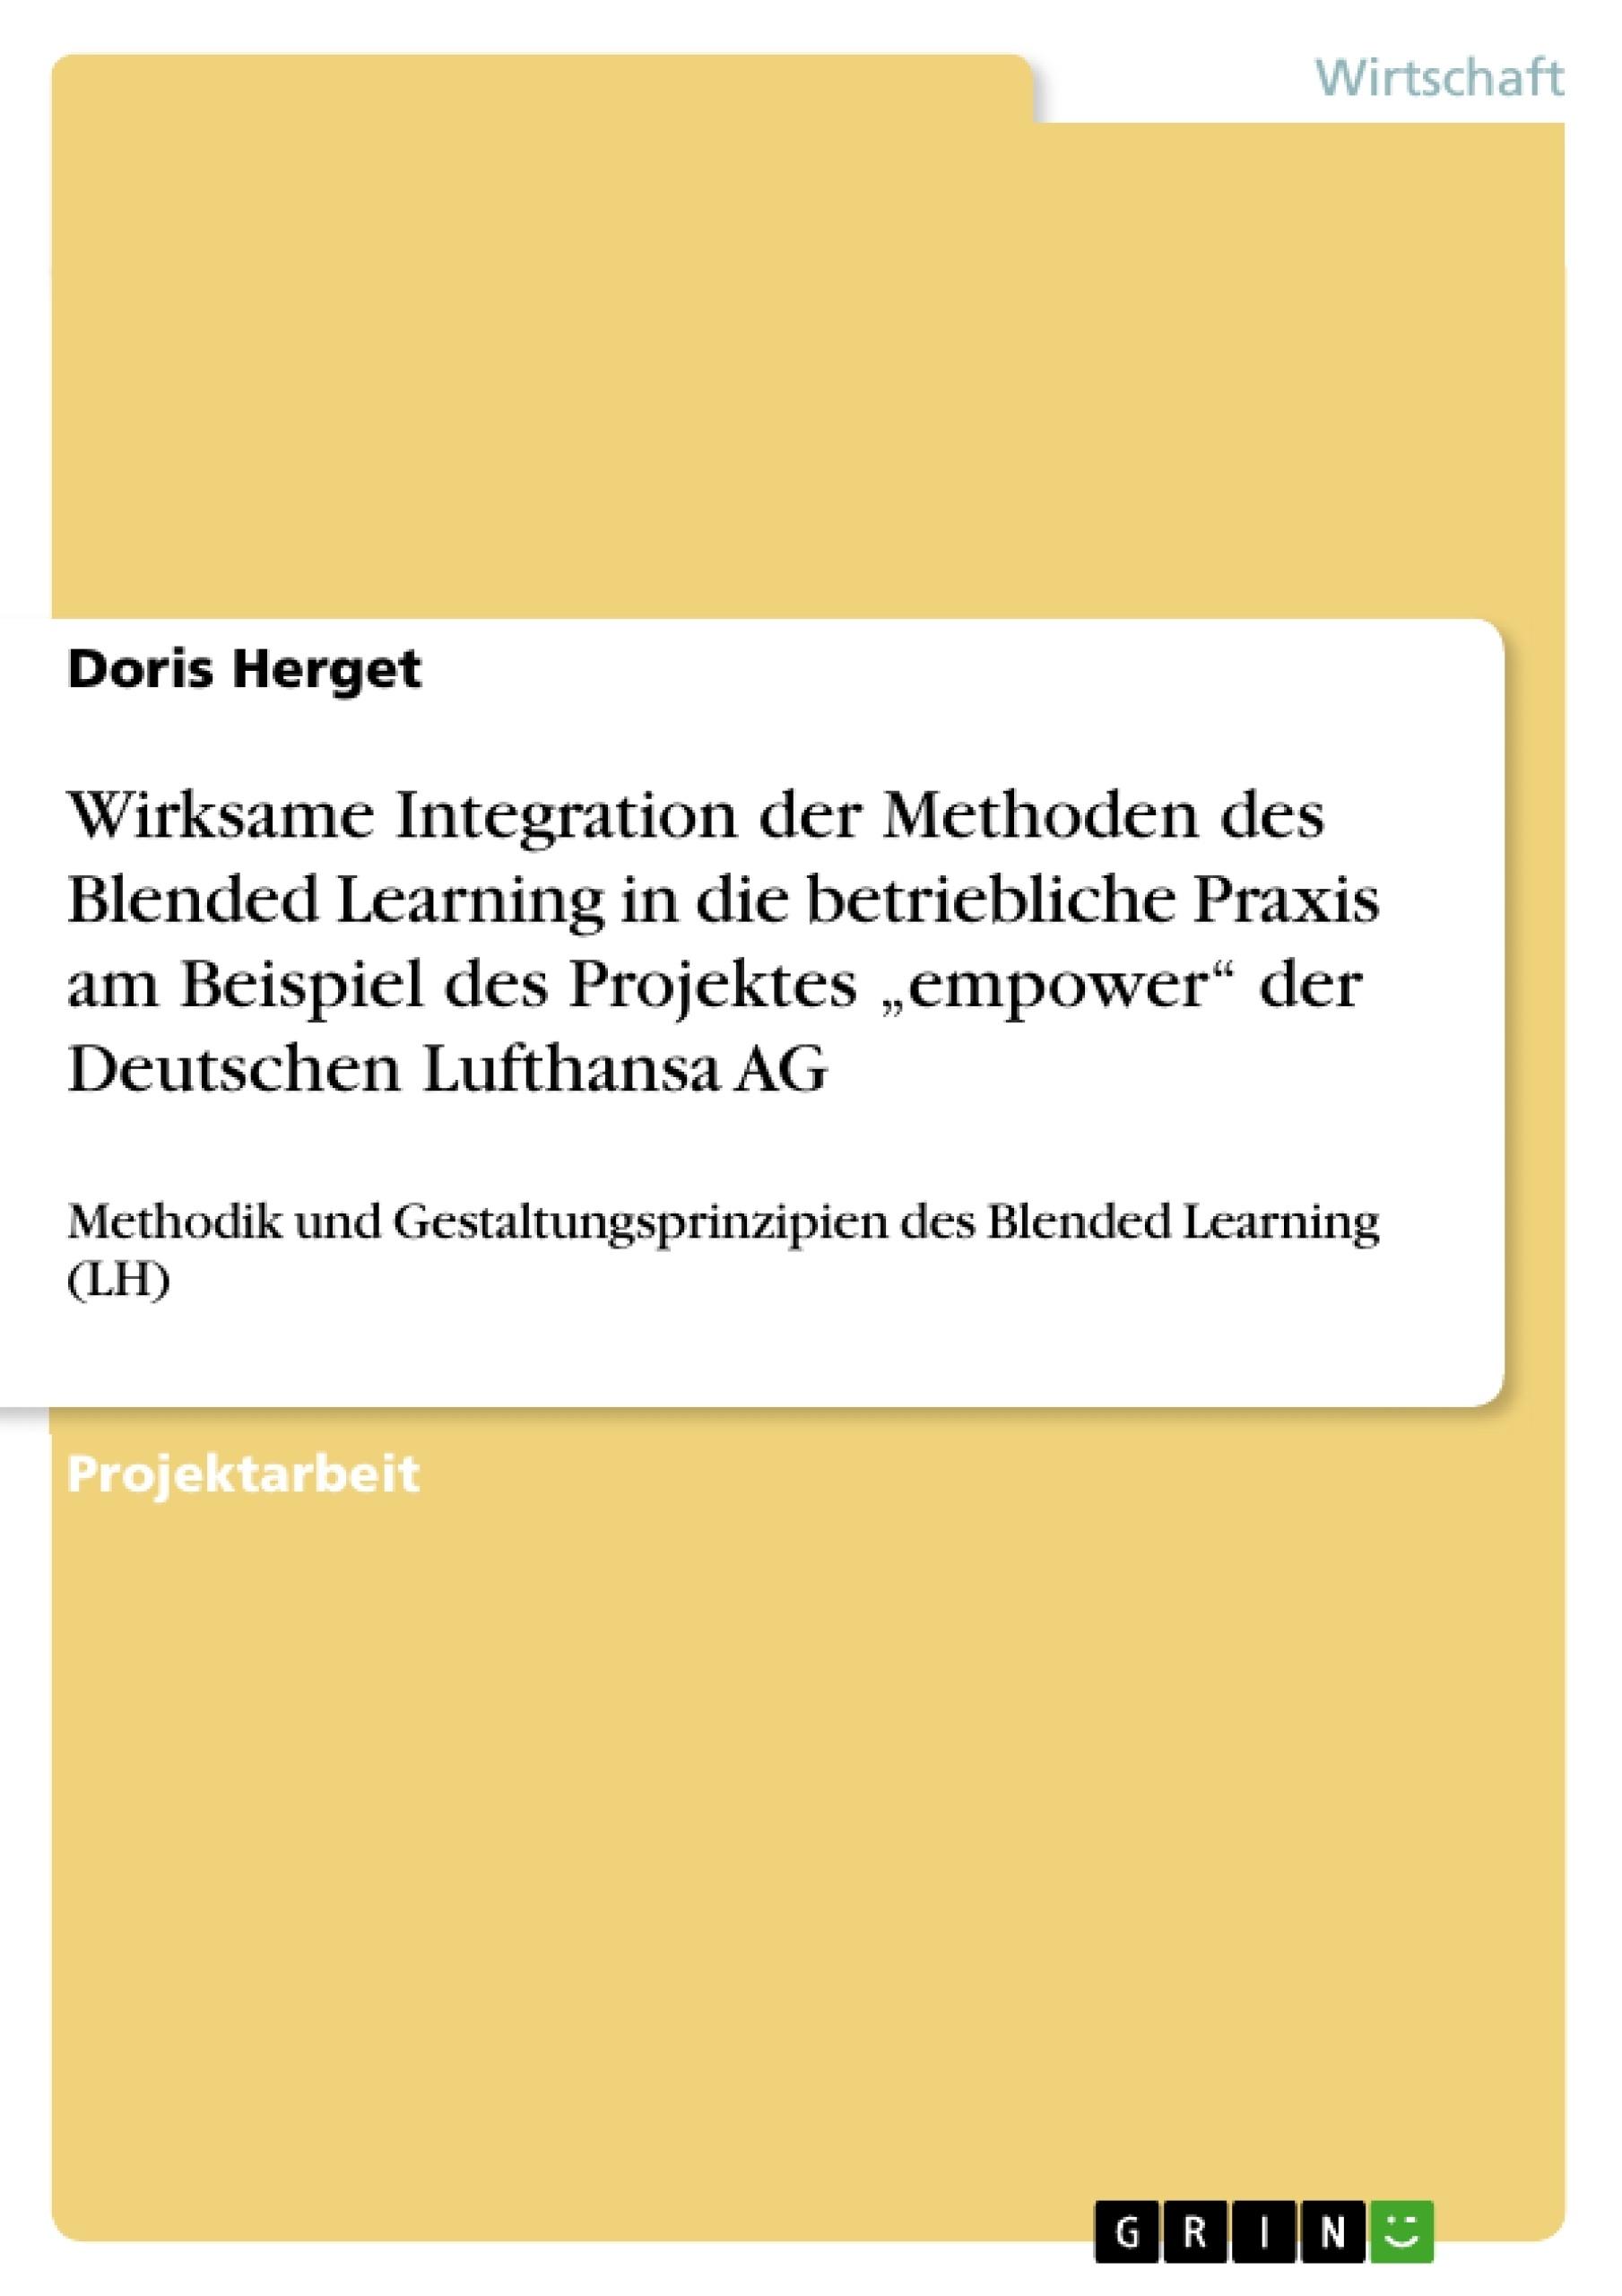 """Titel: Wirksame Integration der Methoden des Blended Learning in die betriebliche Praxis am Beispiel des Projektes """"empower"""" der Deutschen Lufthansa AG"""